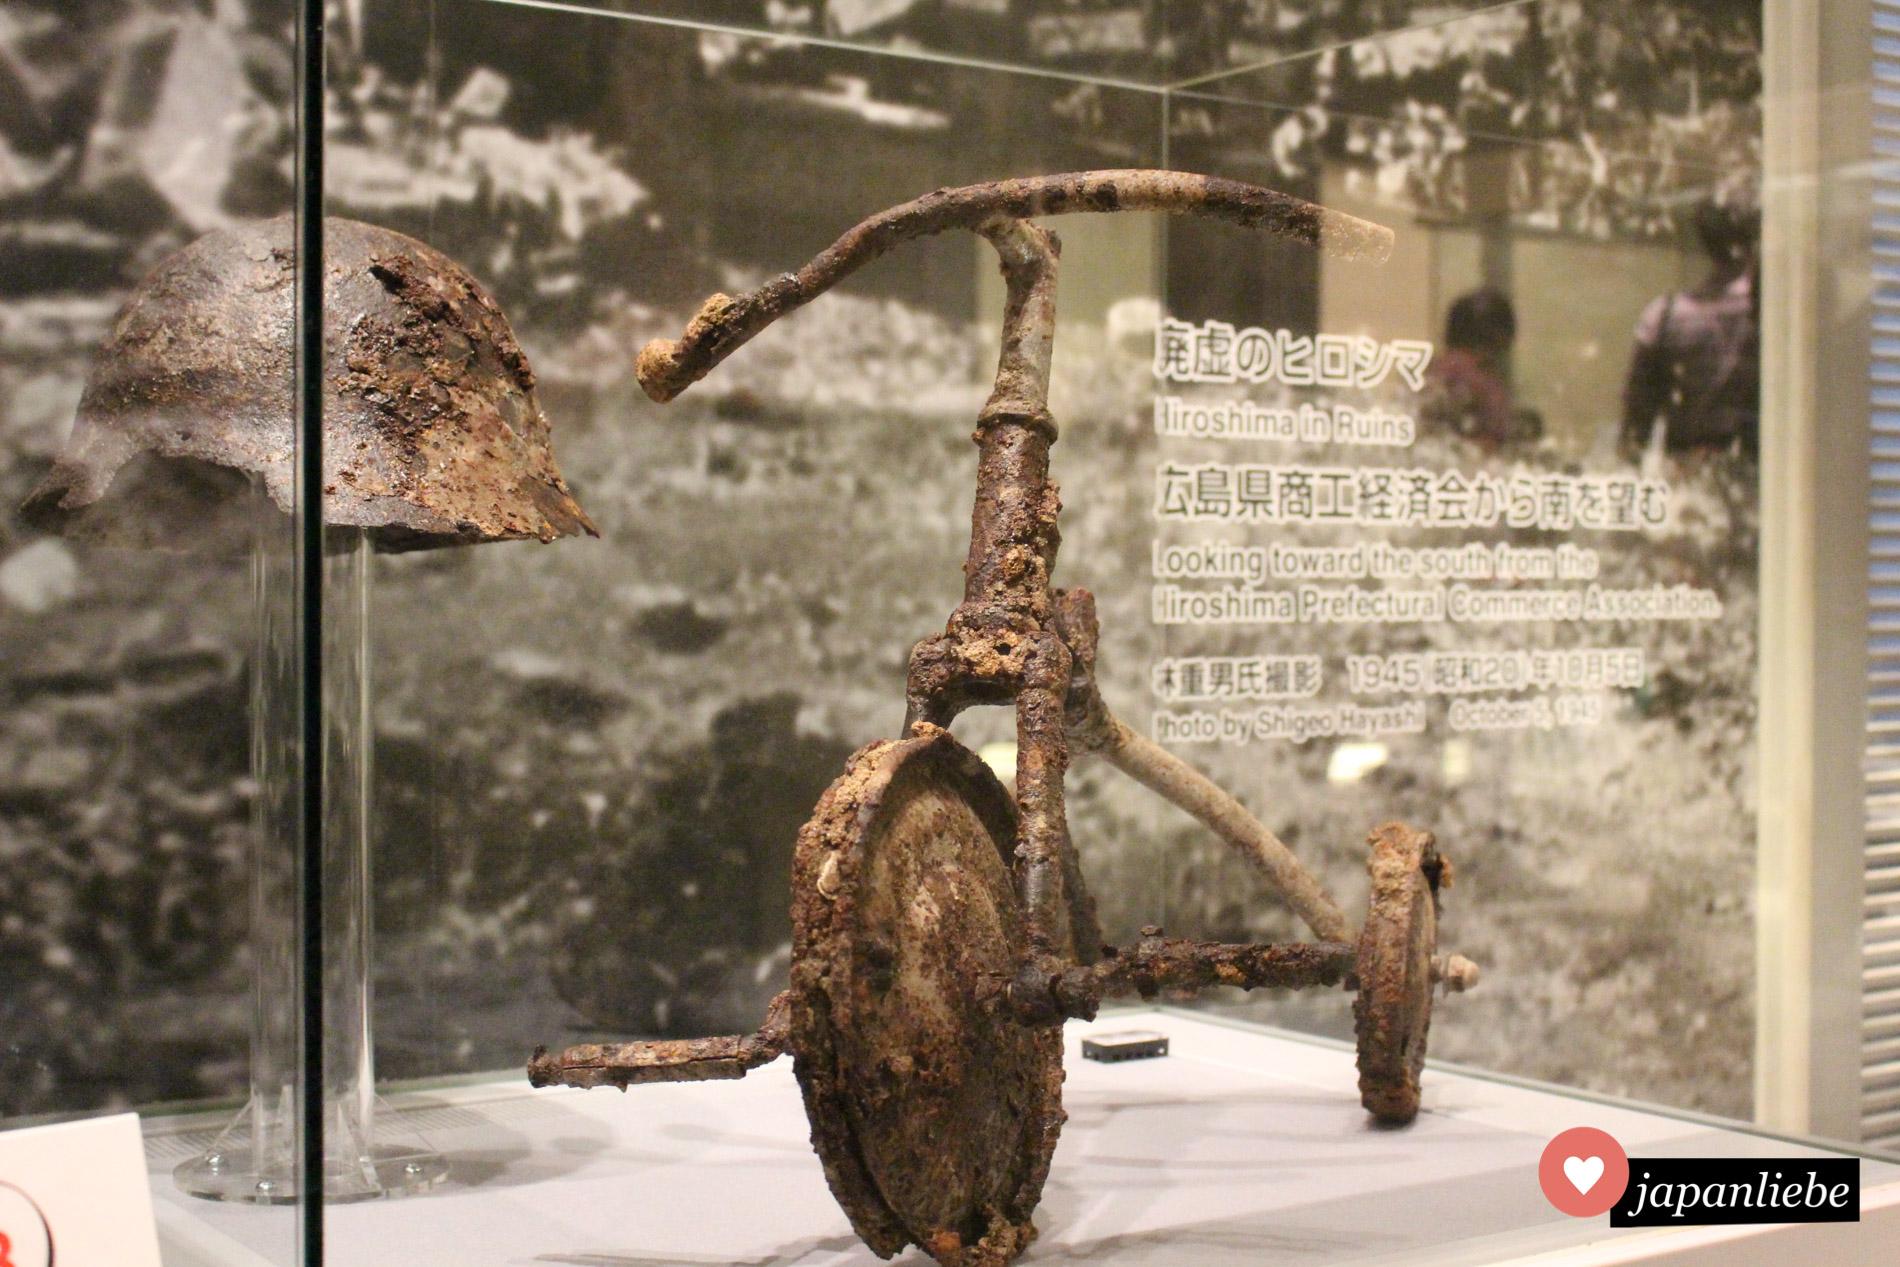 Der kleine Junge, dem dieses Dreirad gehörte, hat den Atombombenabwurf vom 6. August 1945 leider nicht überlebt. Sein Spielzeug steht als ewiges Mahnmal in Friedensmuseum Hiroshima.